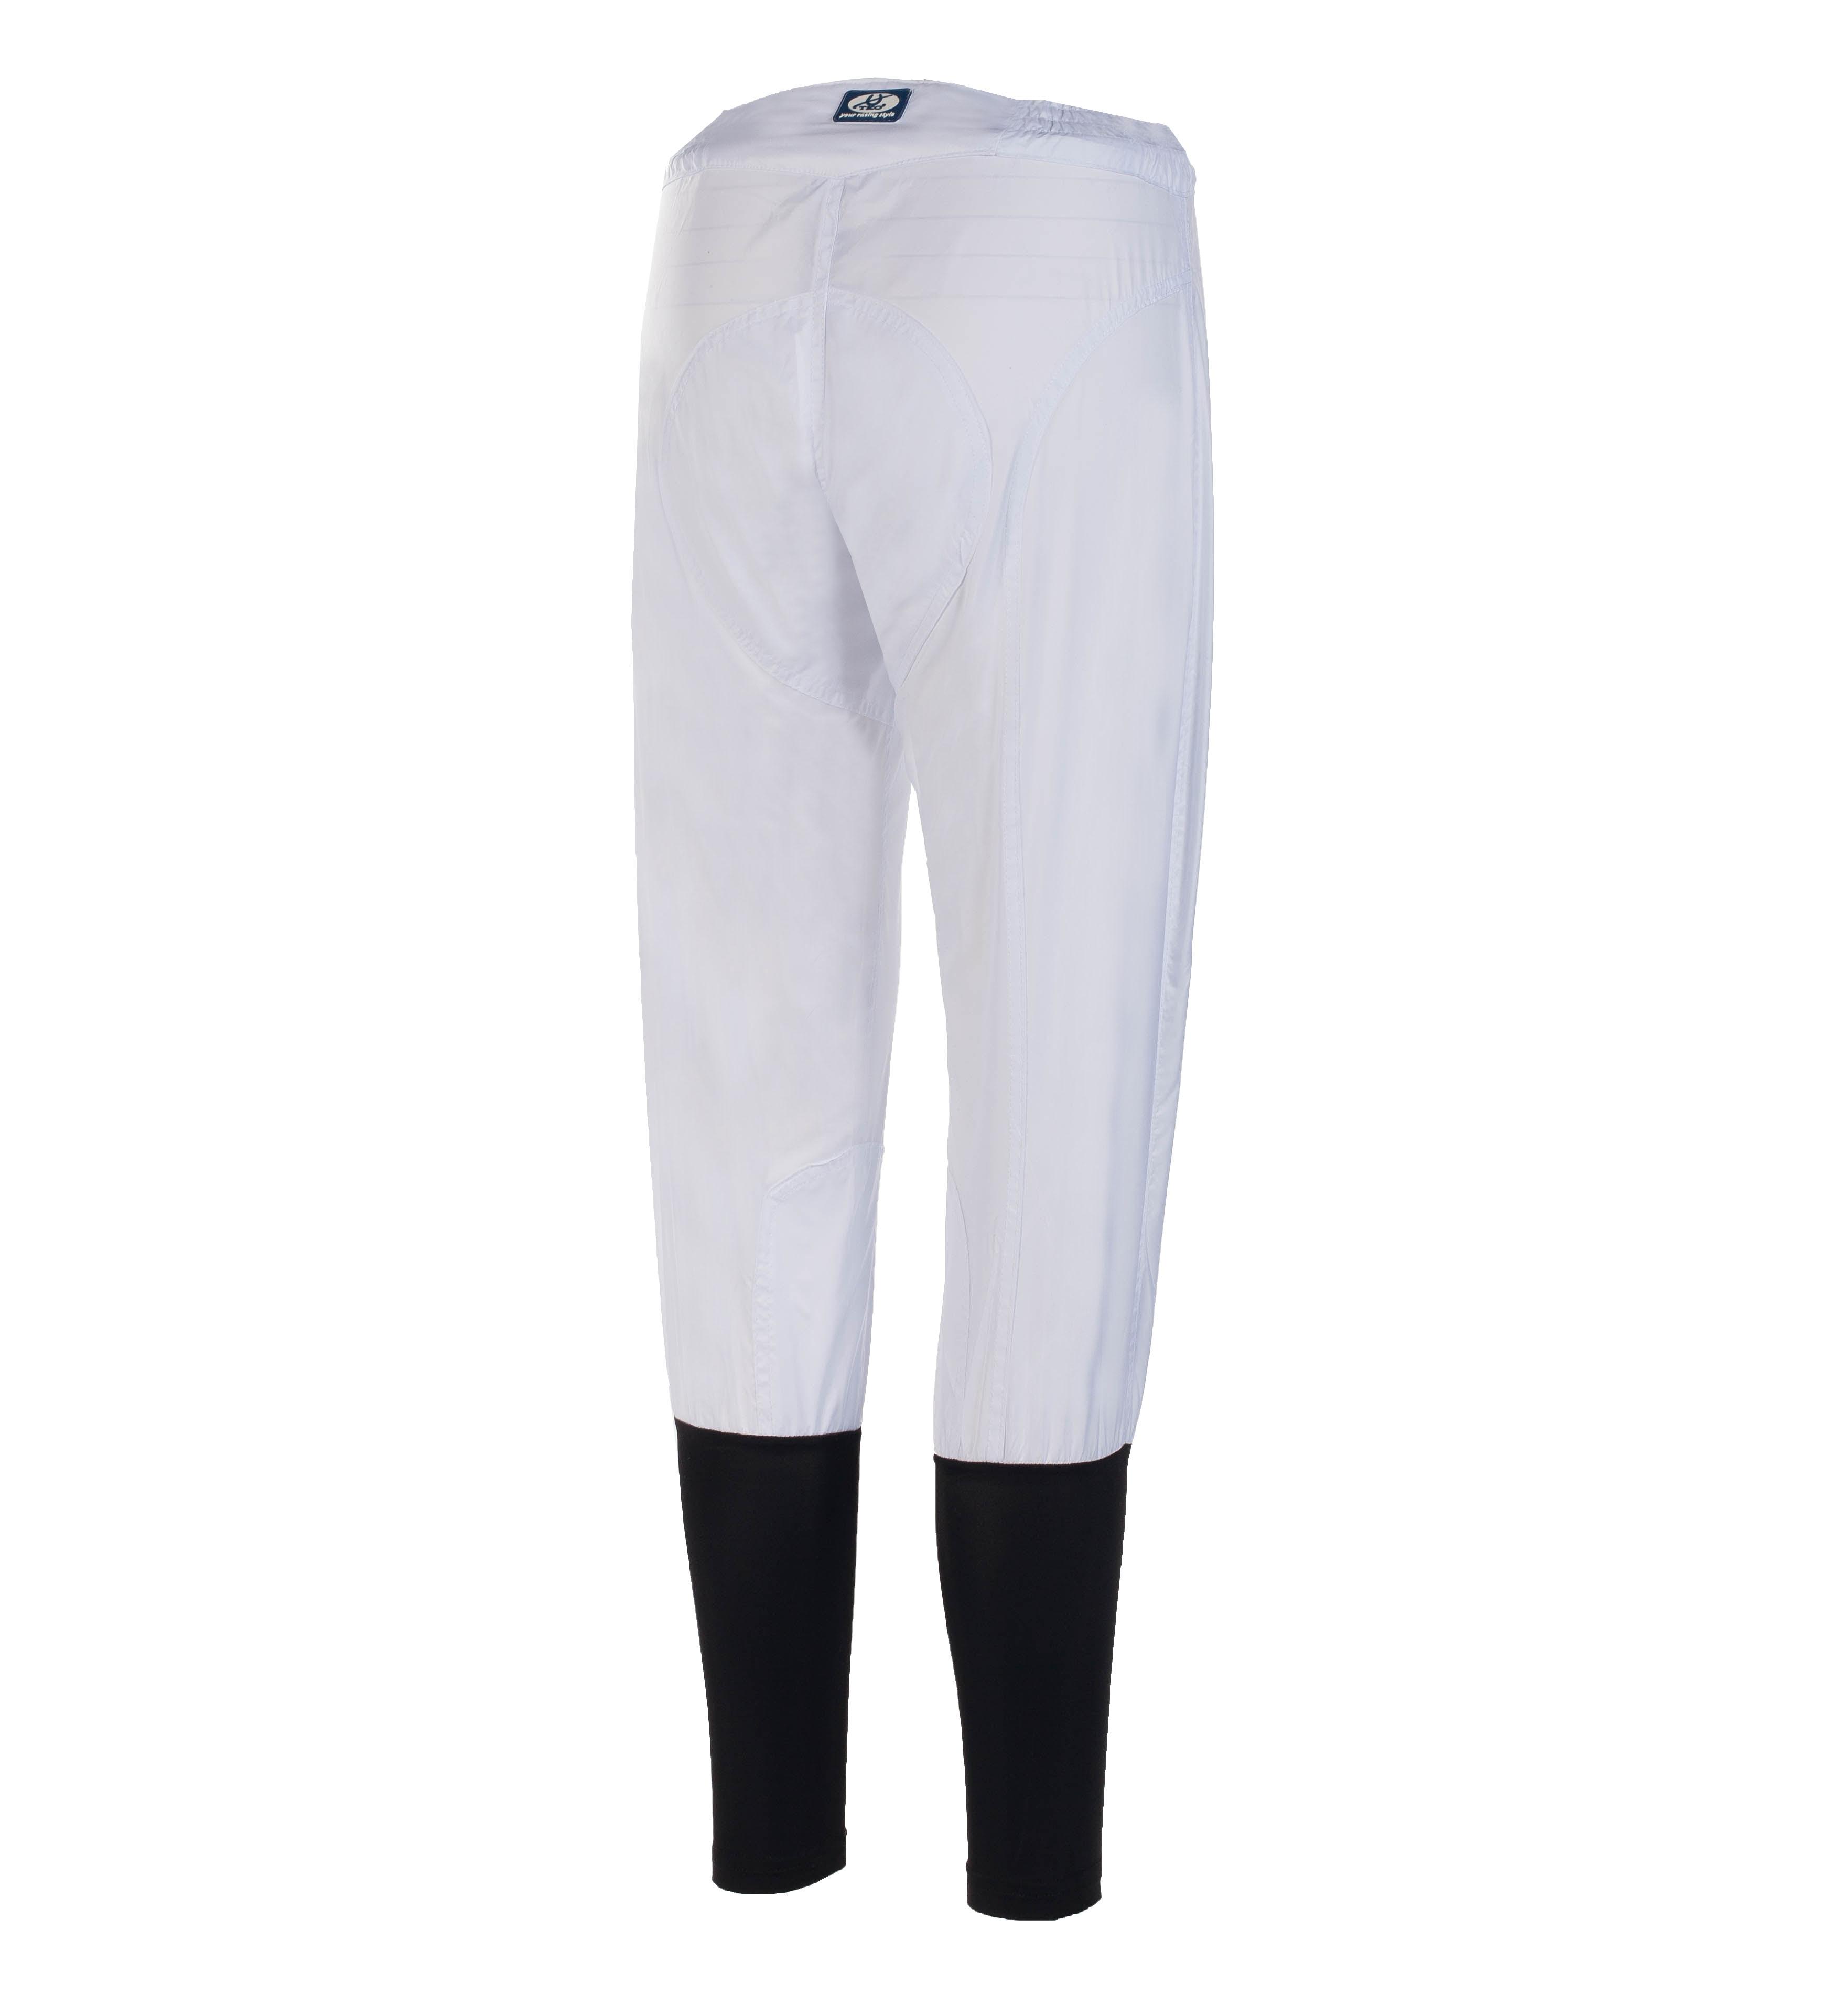 TKO Løpsbukser i polyester, Slim line med sort bakside i lycra